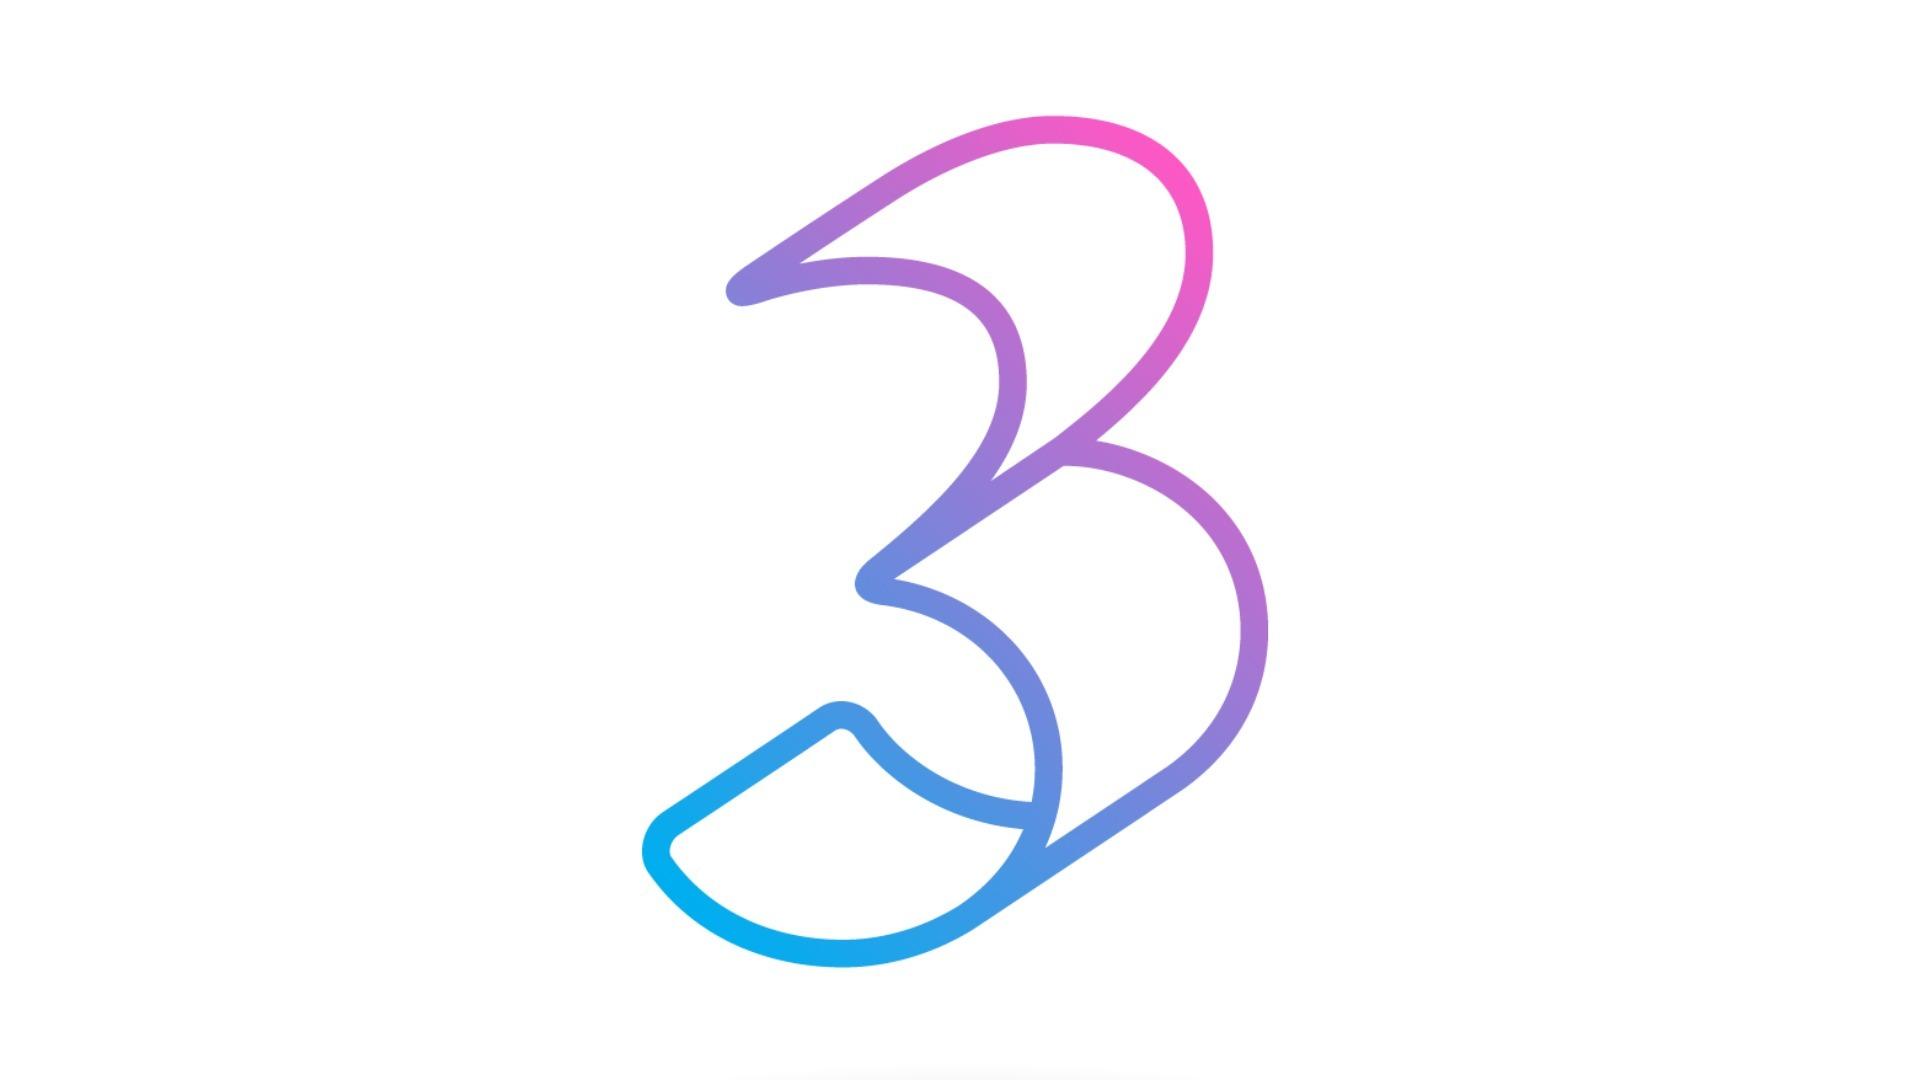 ビジネスを成功に導く3つのマインドとバランス